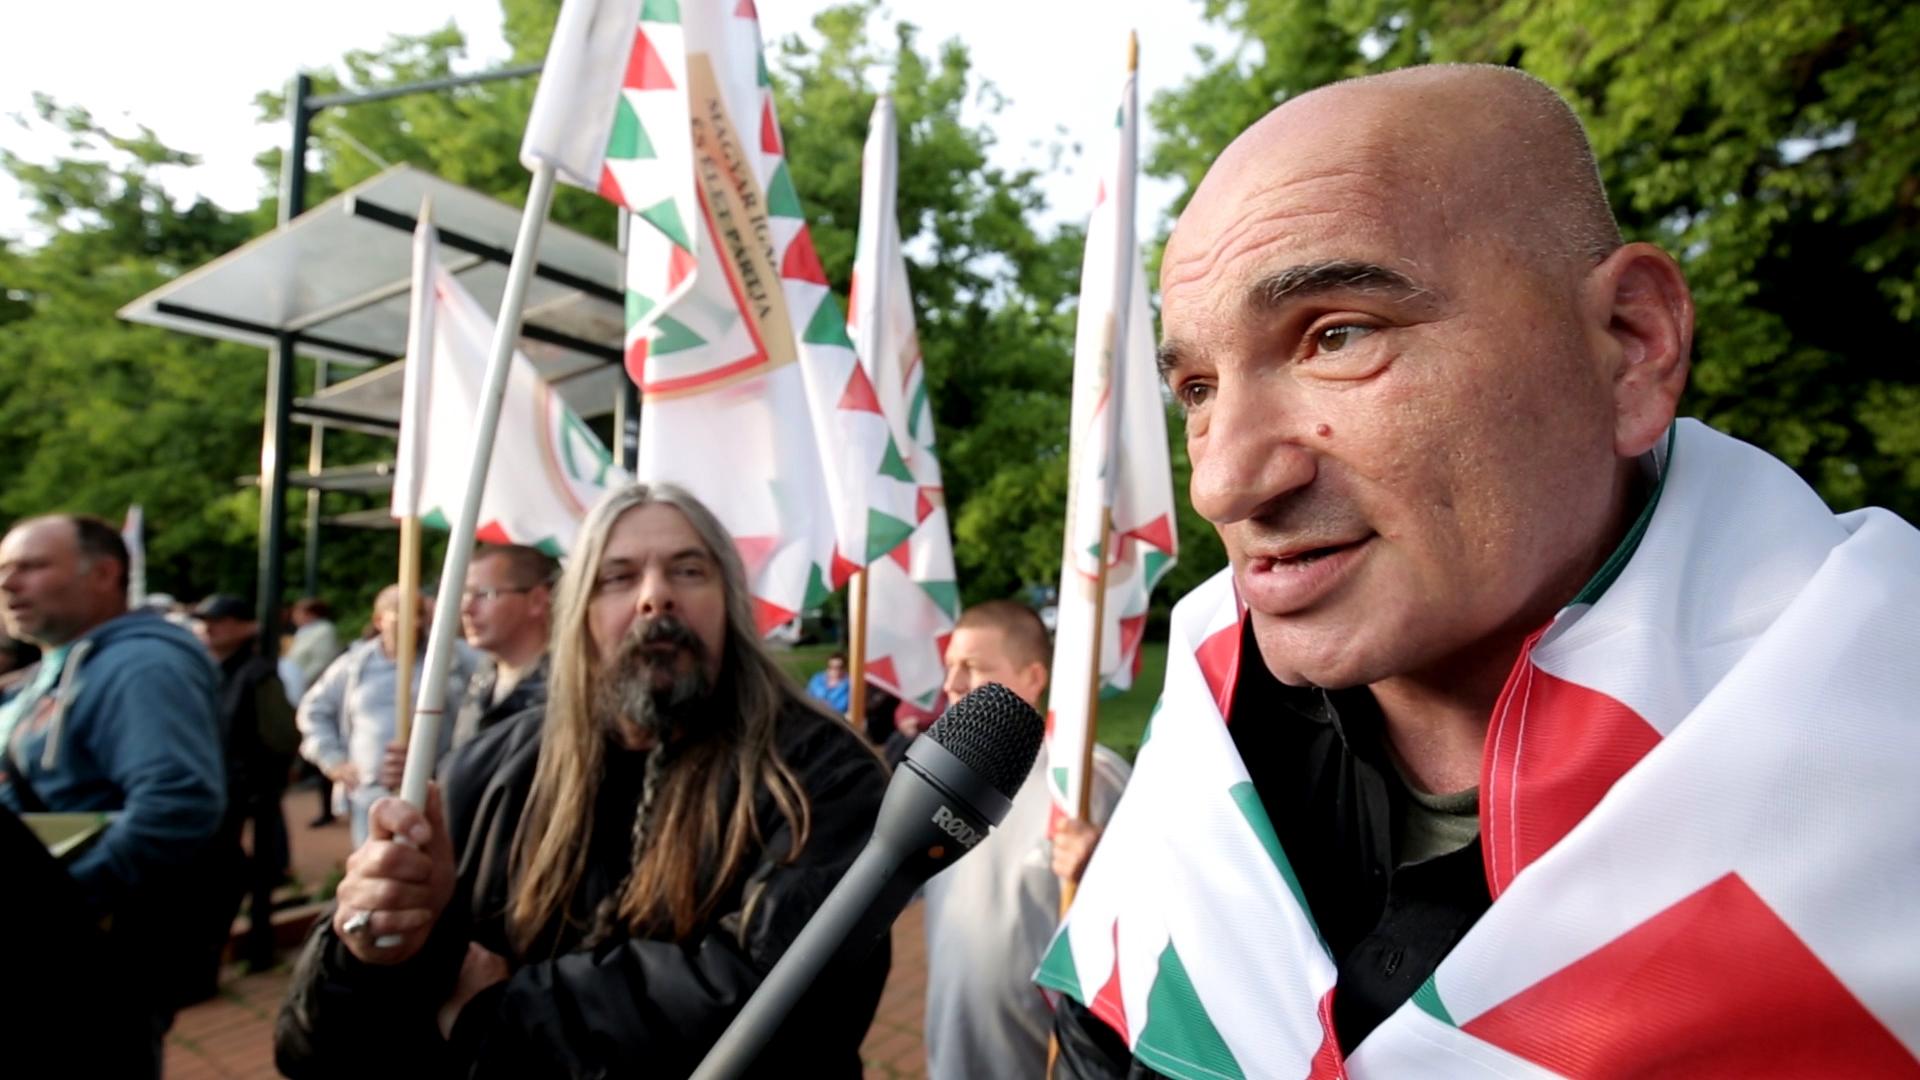 Toroczkai azt ígéri, ha 22-ben nyer, szibériai börtönbe zárja a roma jogvédőket